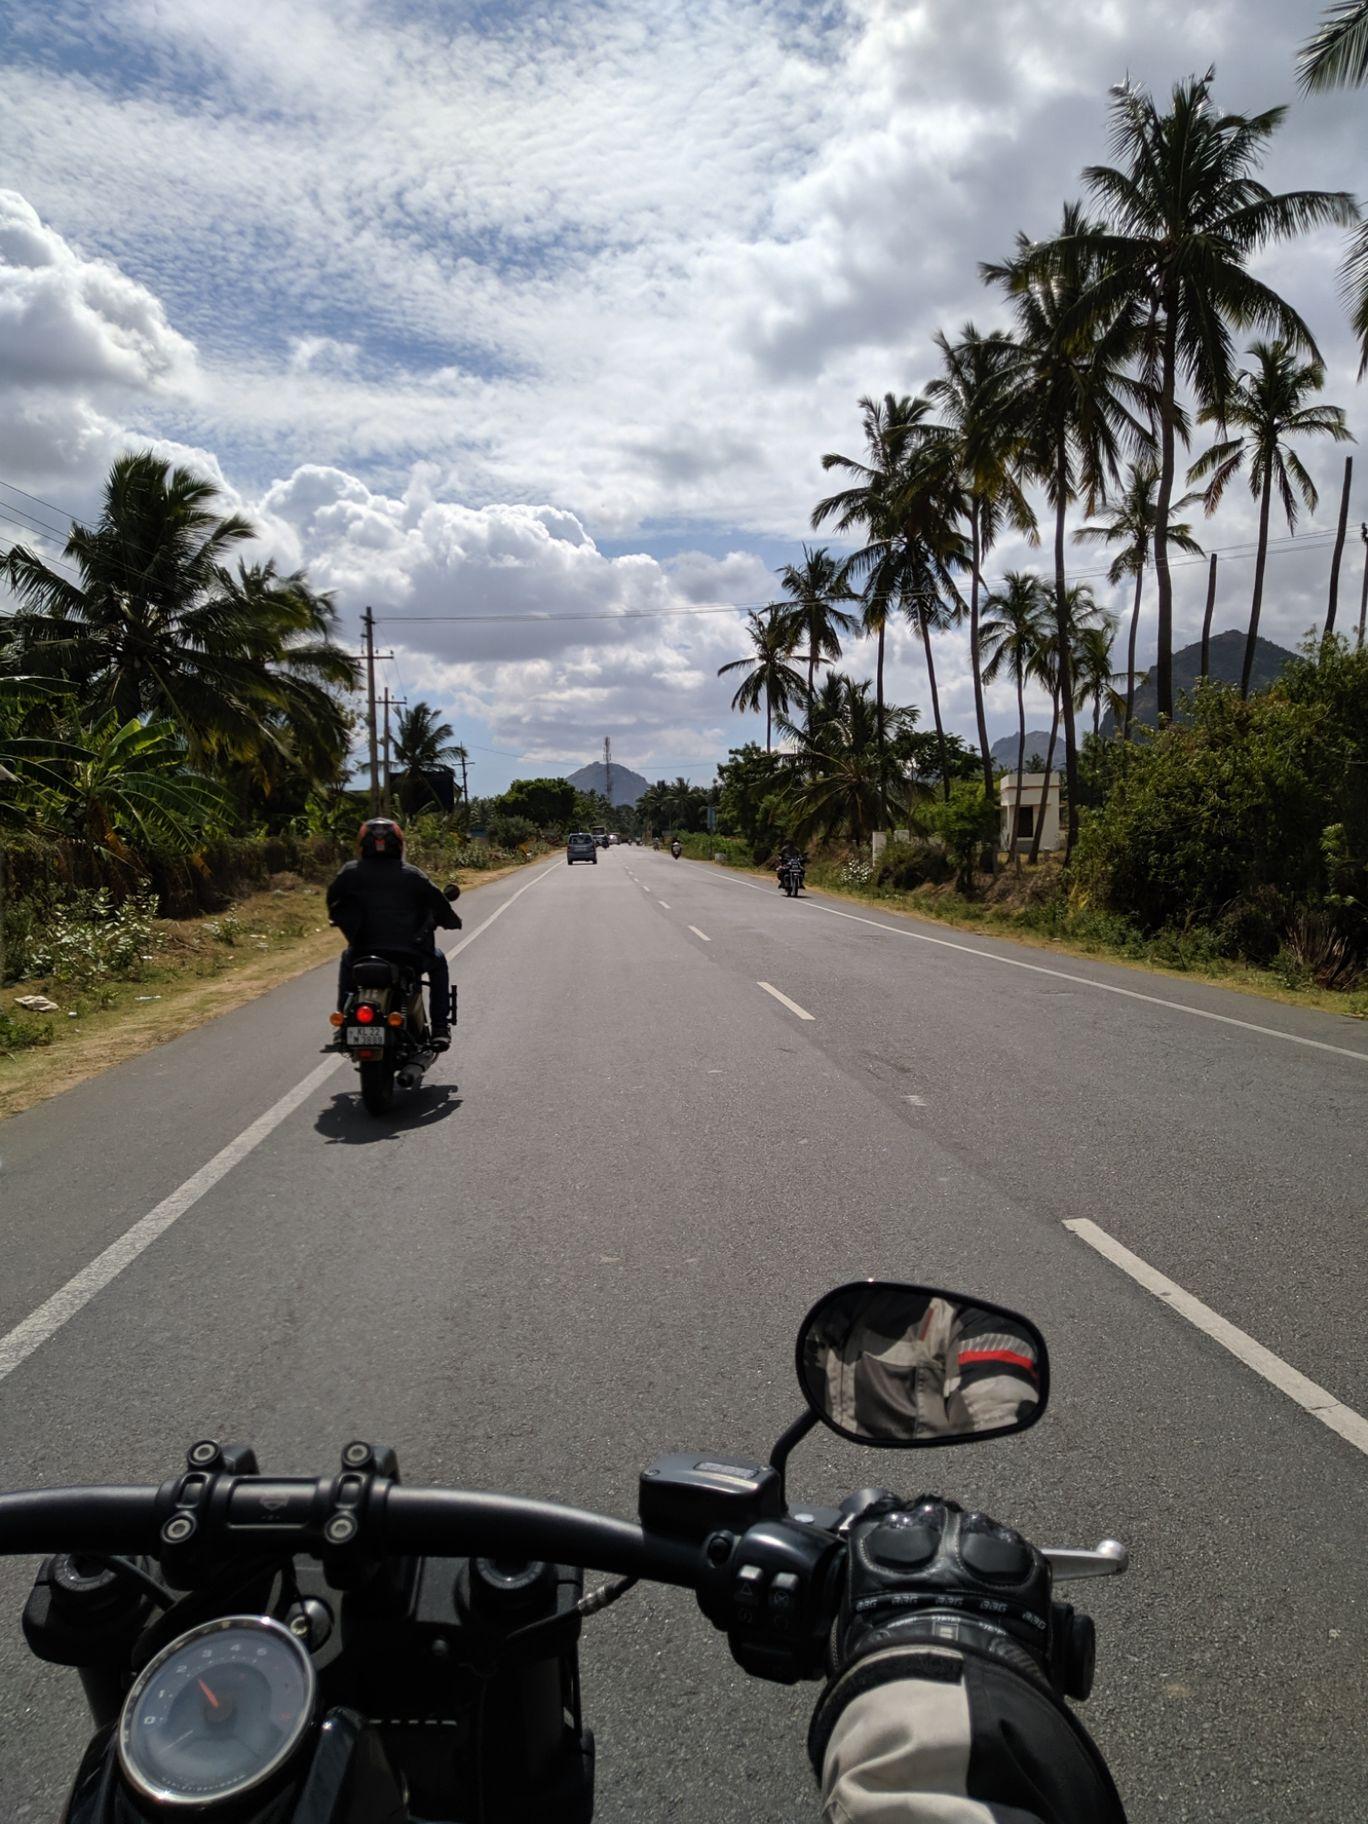 Photo of Dhanushkodi Point. By Vishnu Jith S